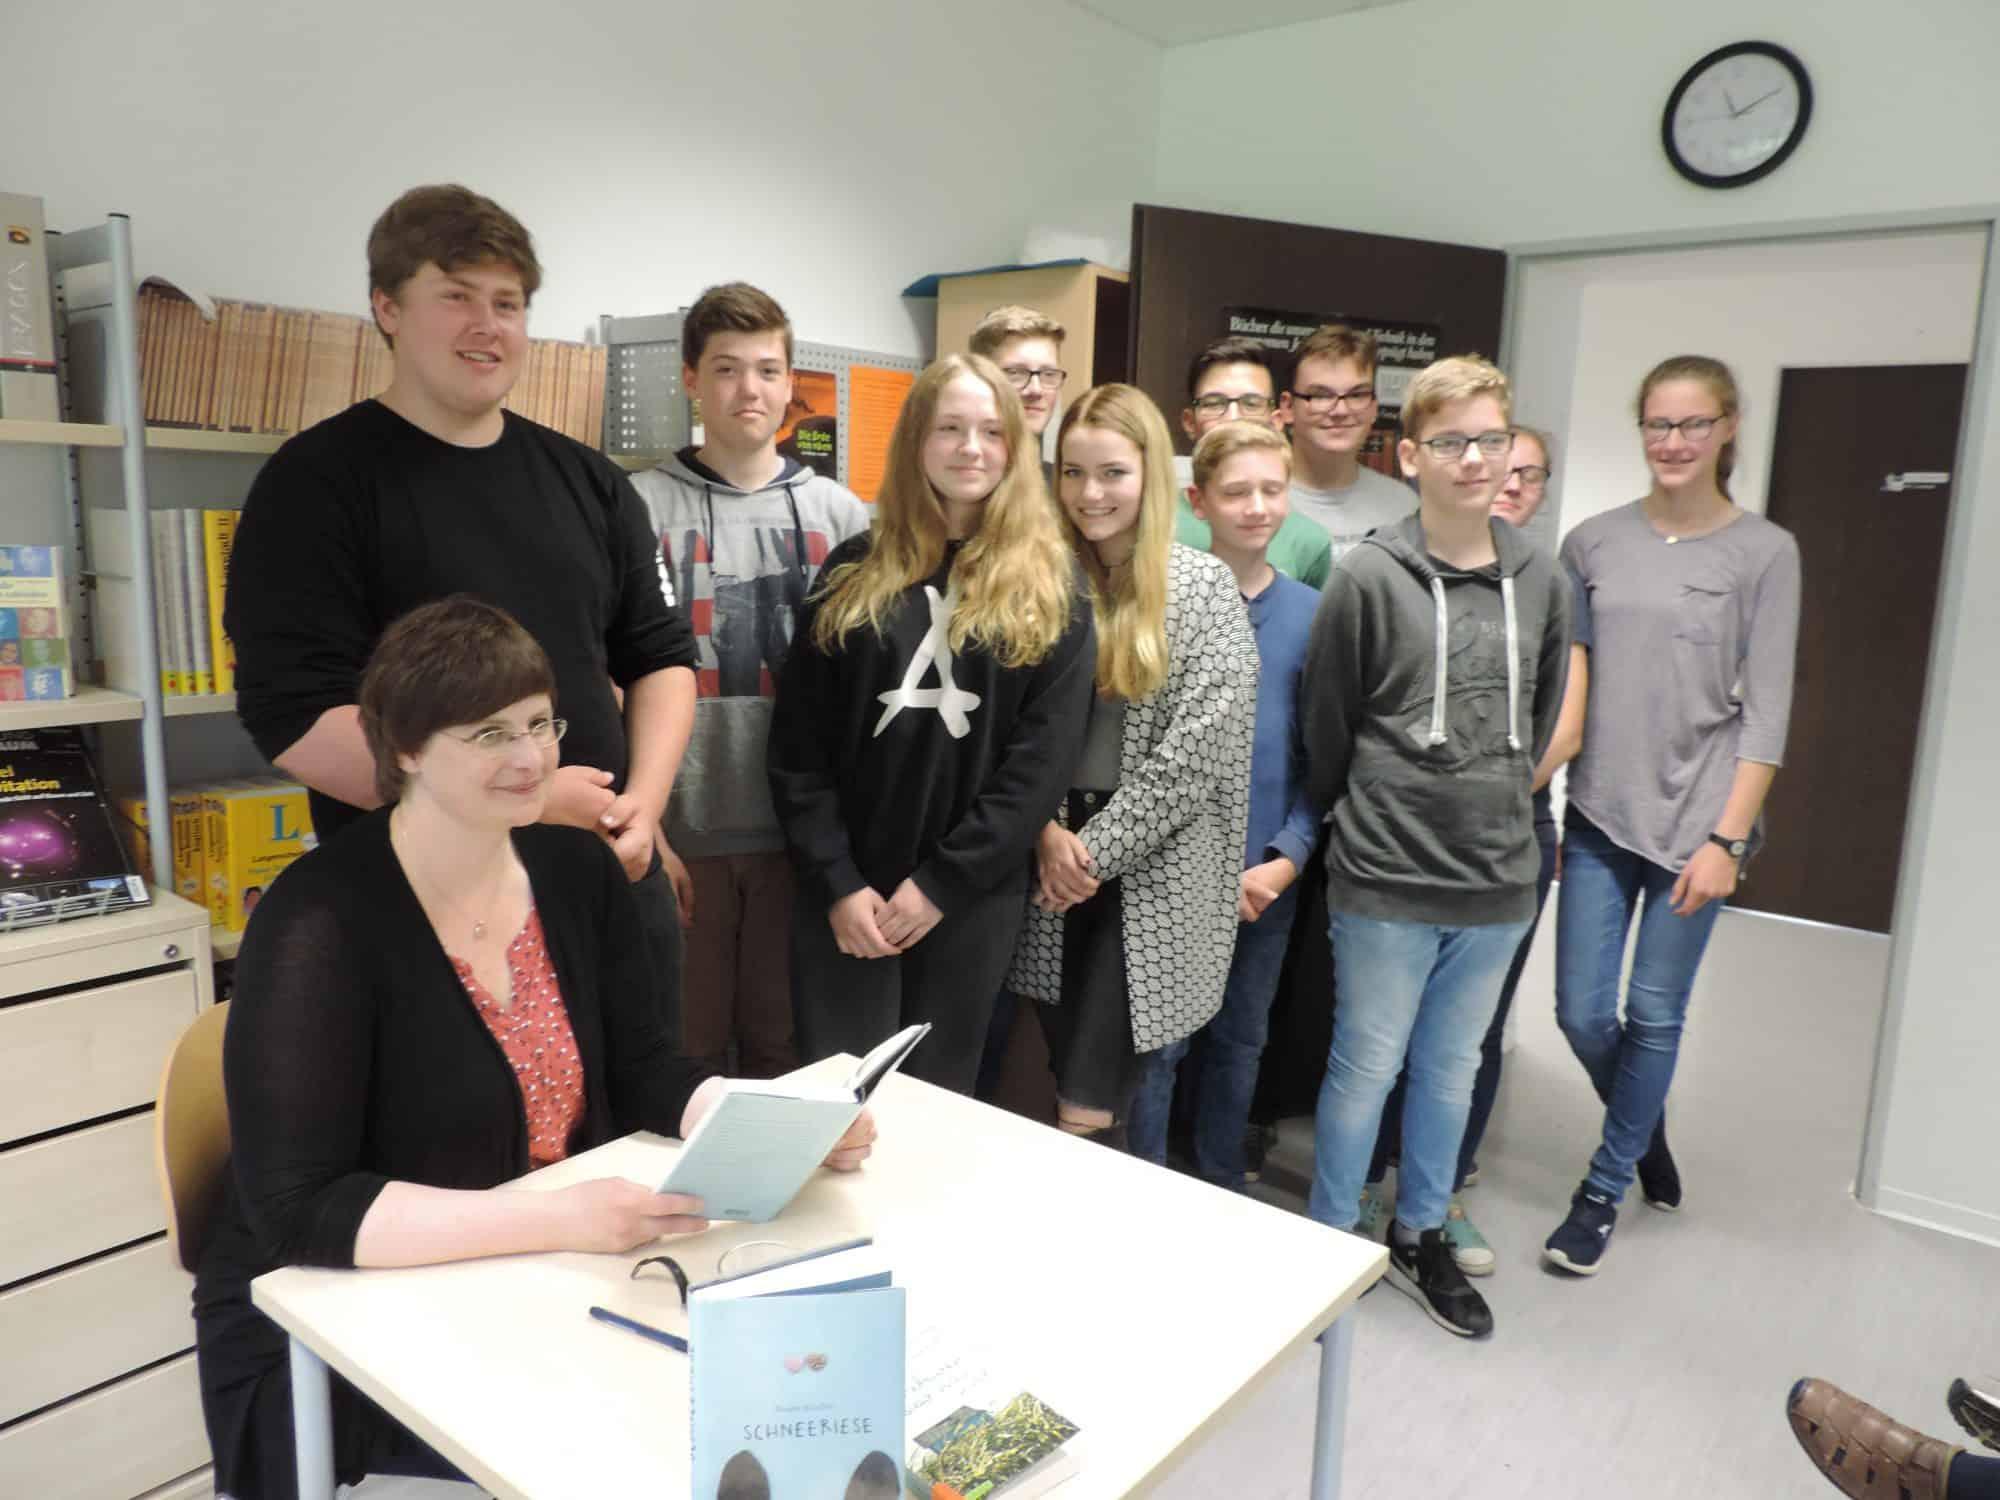 Die Bielefelder Autorin Susann Kreller zu Gast in der Gesamtschule Lippstadt. Foto: Sabine Hense-Ferch